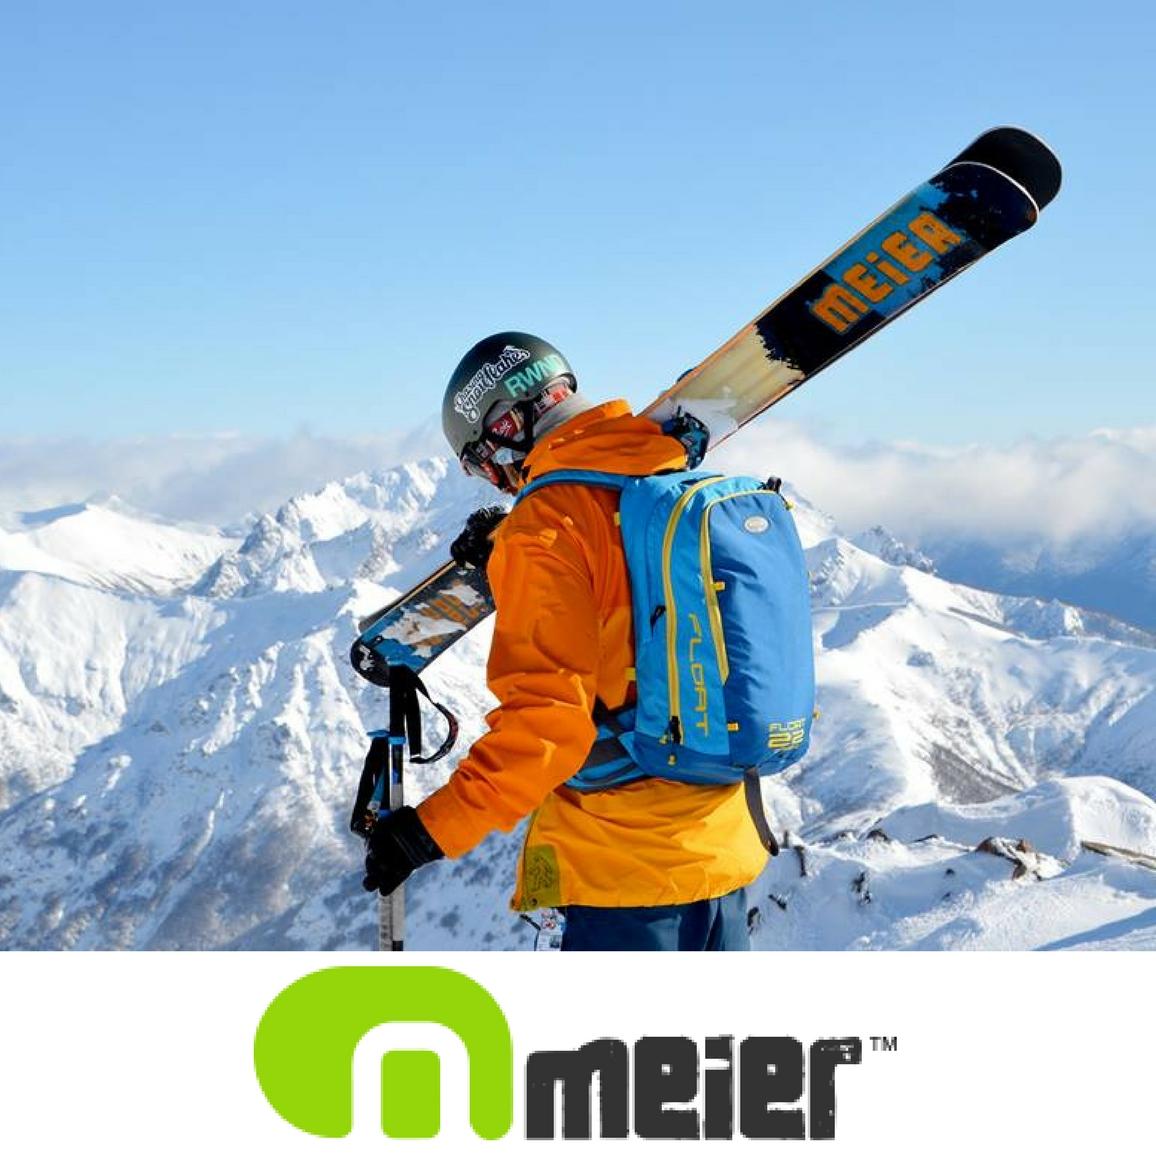 Meier Skis & Snowboard Brand image.jpg